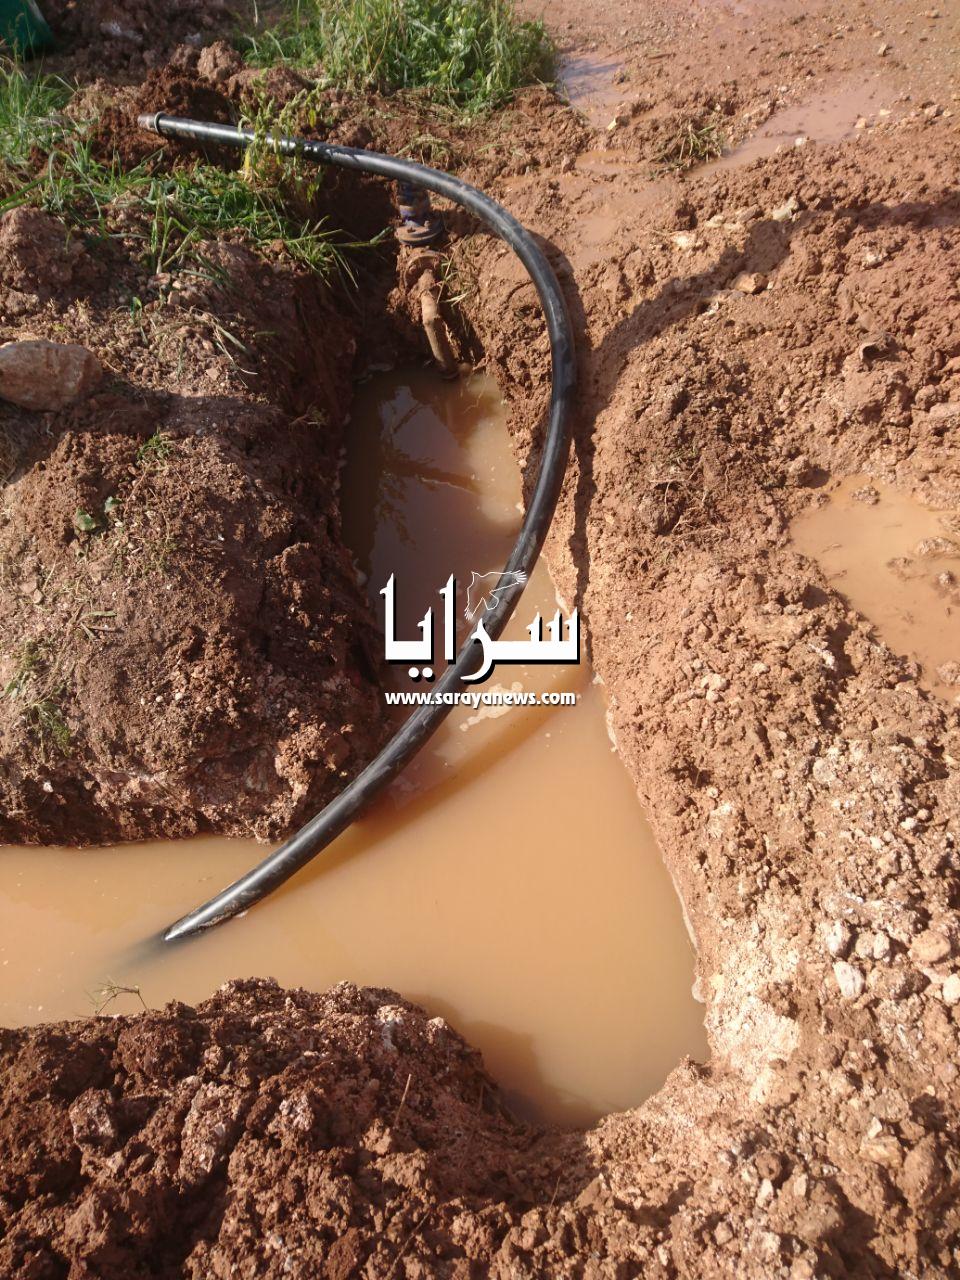 بالصور  ..  ماسورة مياه مكسورة لاكثر من ستة شهور ومياه اليرموك اخر من يعلم